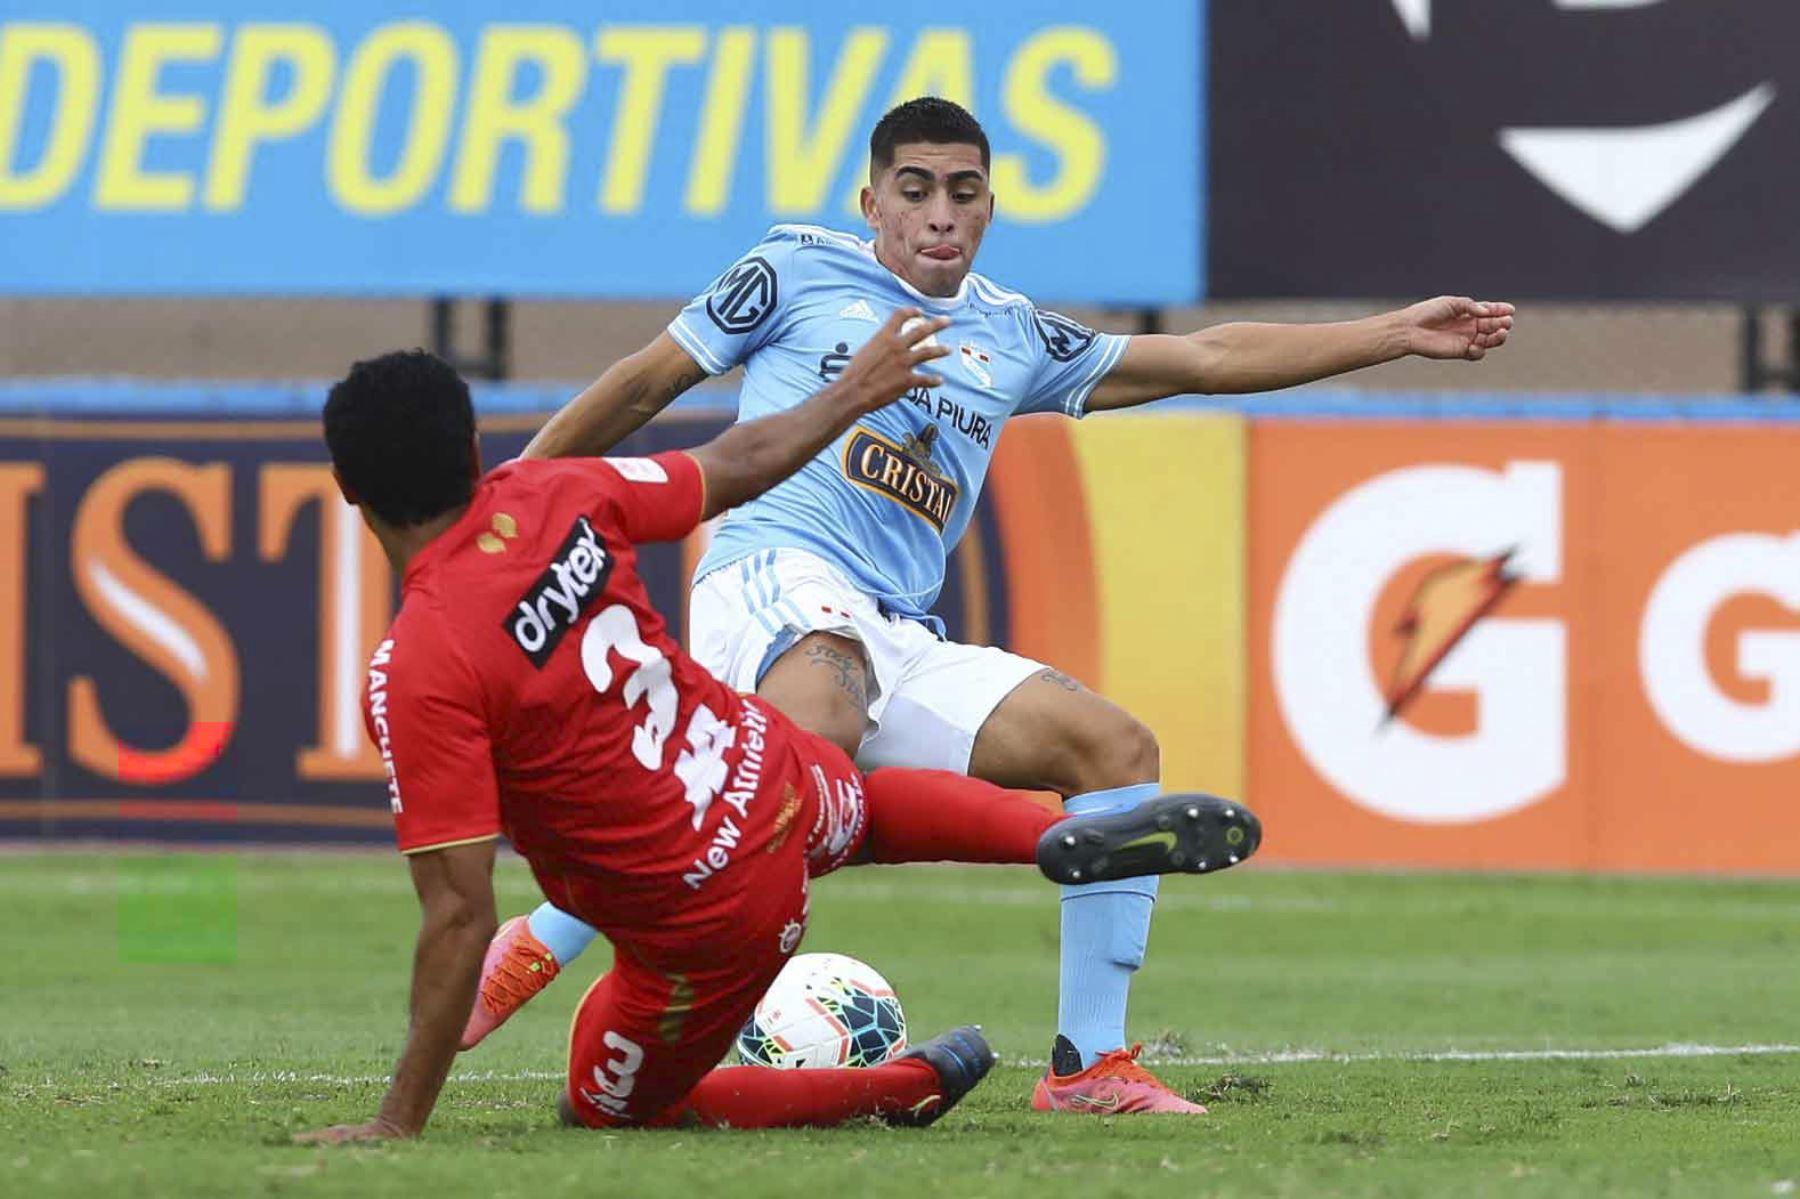 Sporting CristalySport Huancayose enfrentan por la octava y penúltima fecha del grupo B de la fase 1 de laLiga 1. El duelo se disputa en el estadio Miguel Grau del Callao. Foto: Liga 1